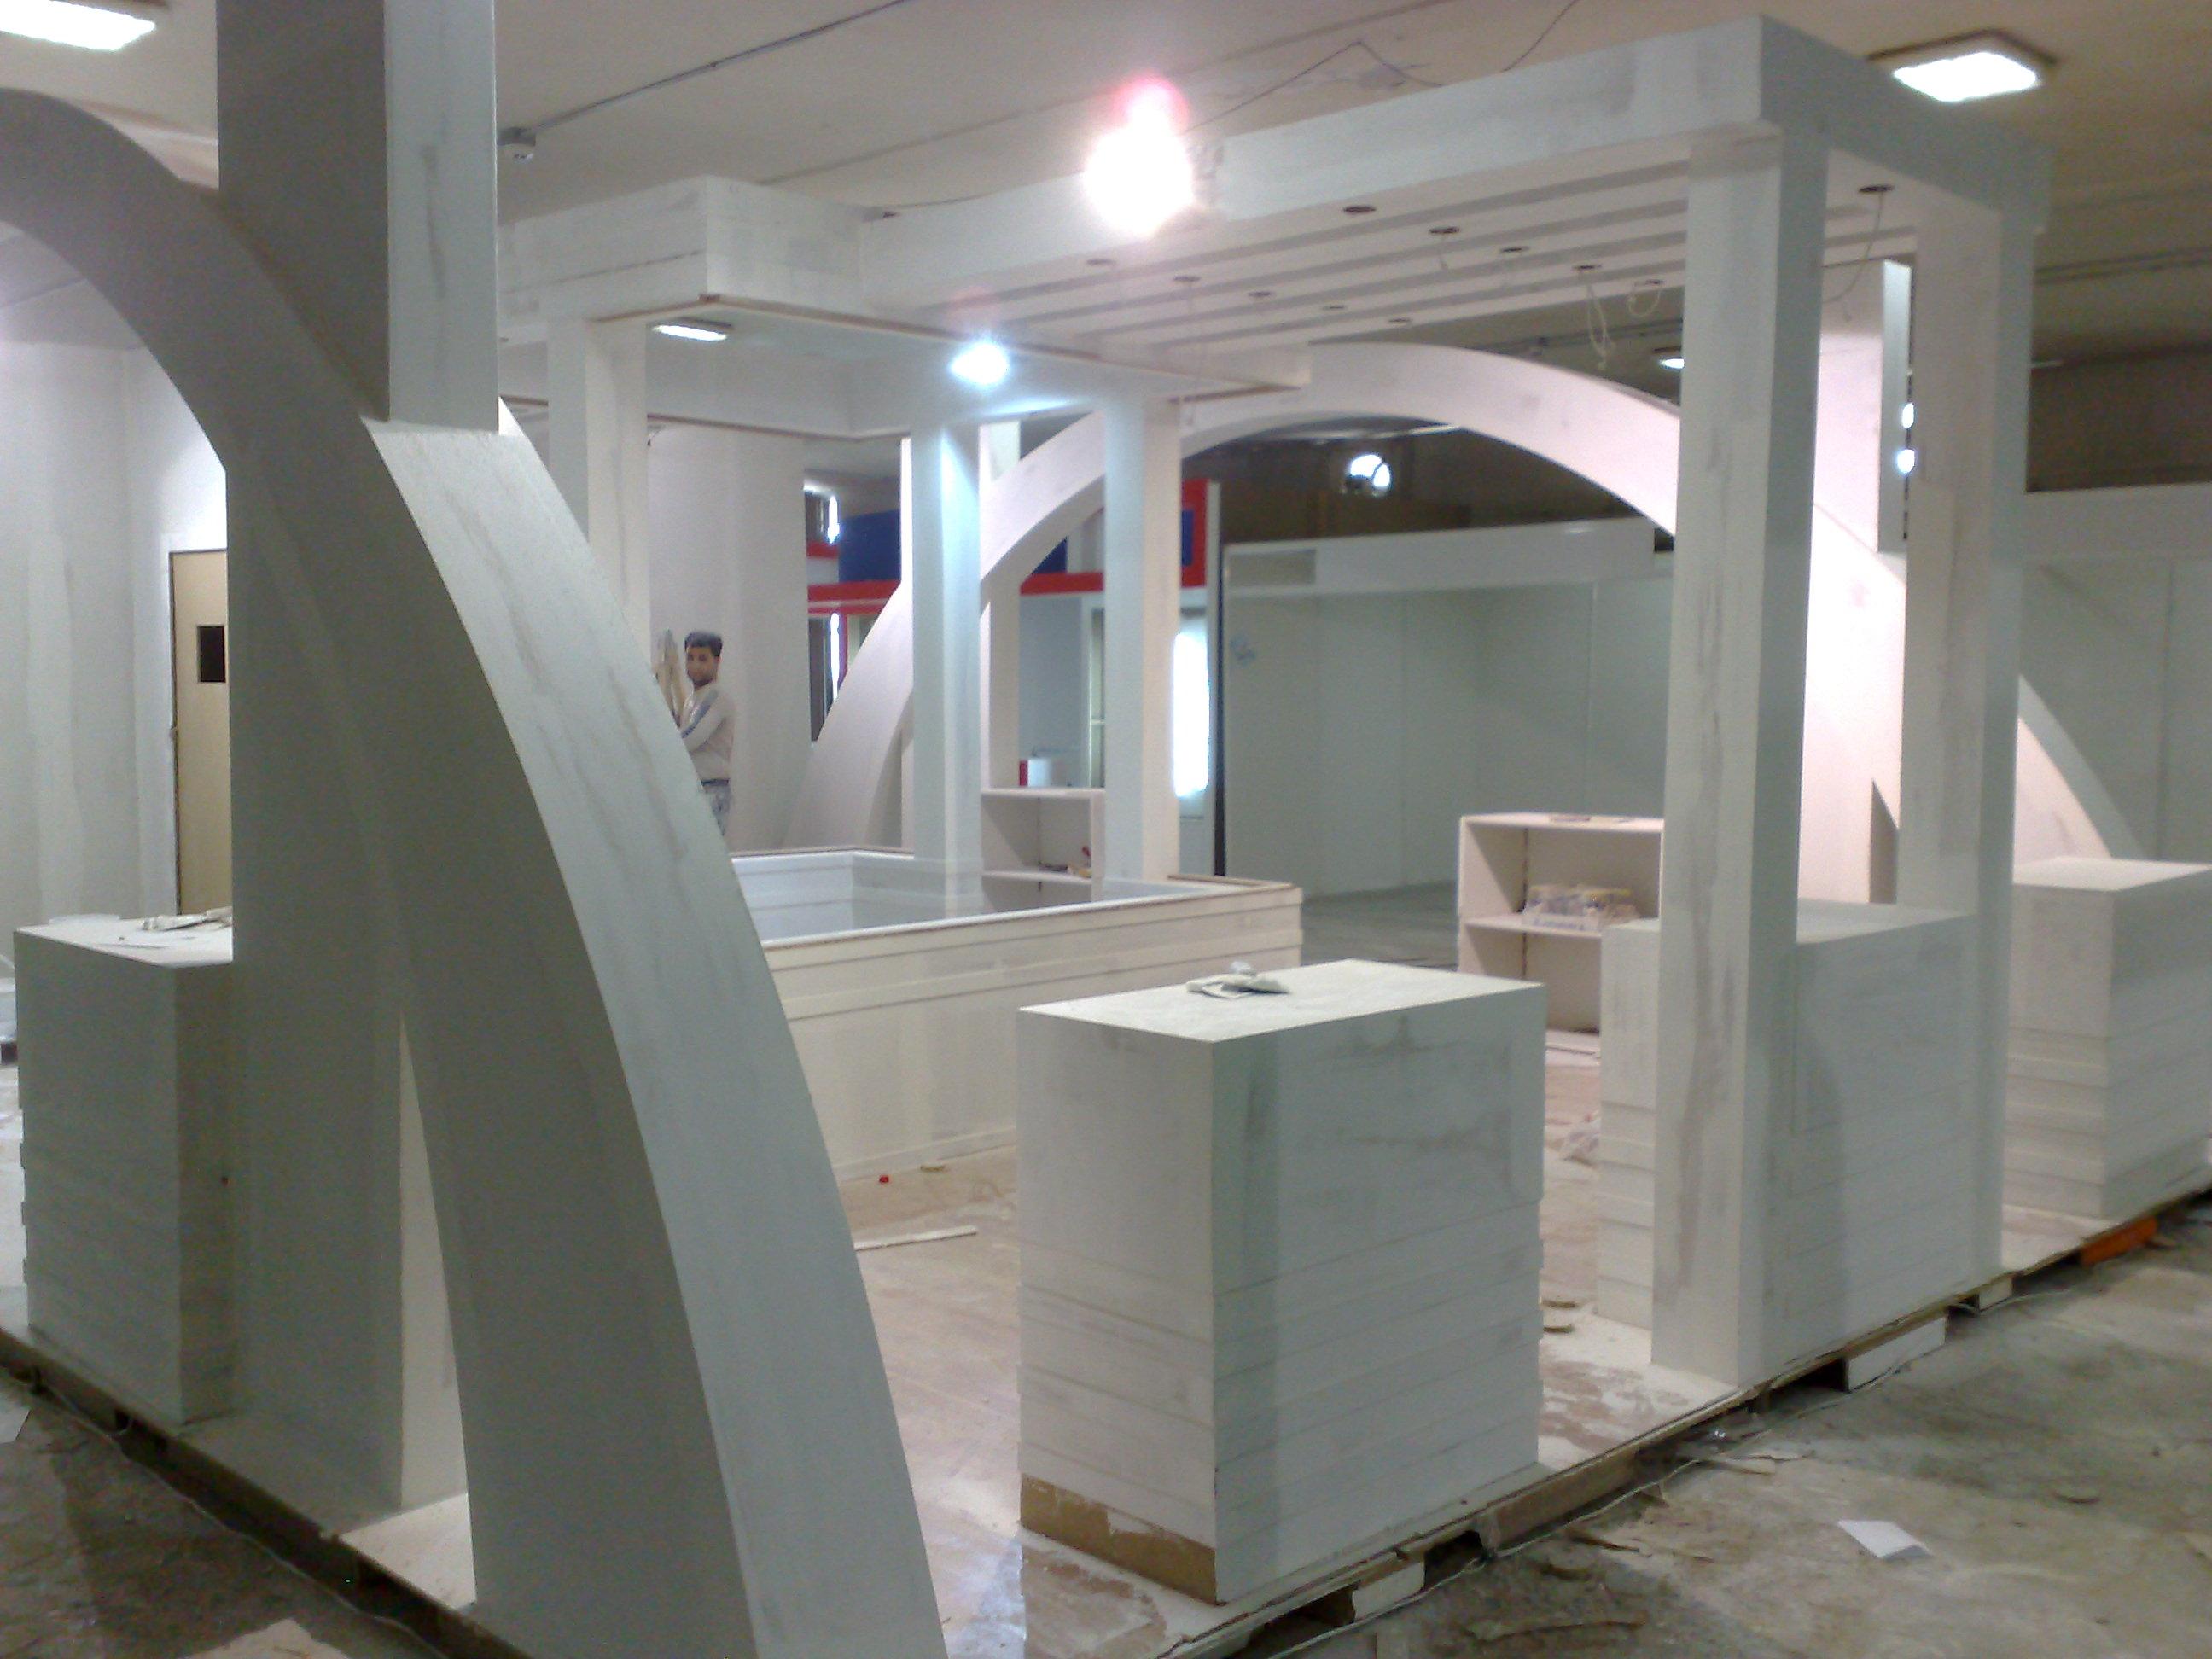 مراحل اجرائی و ساخت غرفه,غرفه سازی,طراحی غرفه,غرفه نمایشگاهی,شرکت غرفه ساز,غرفه